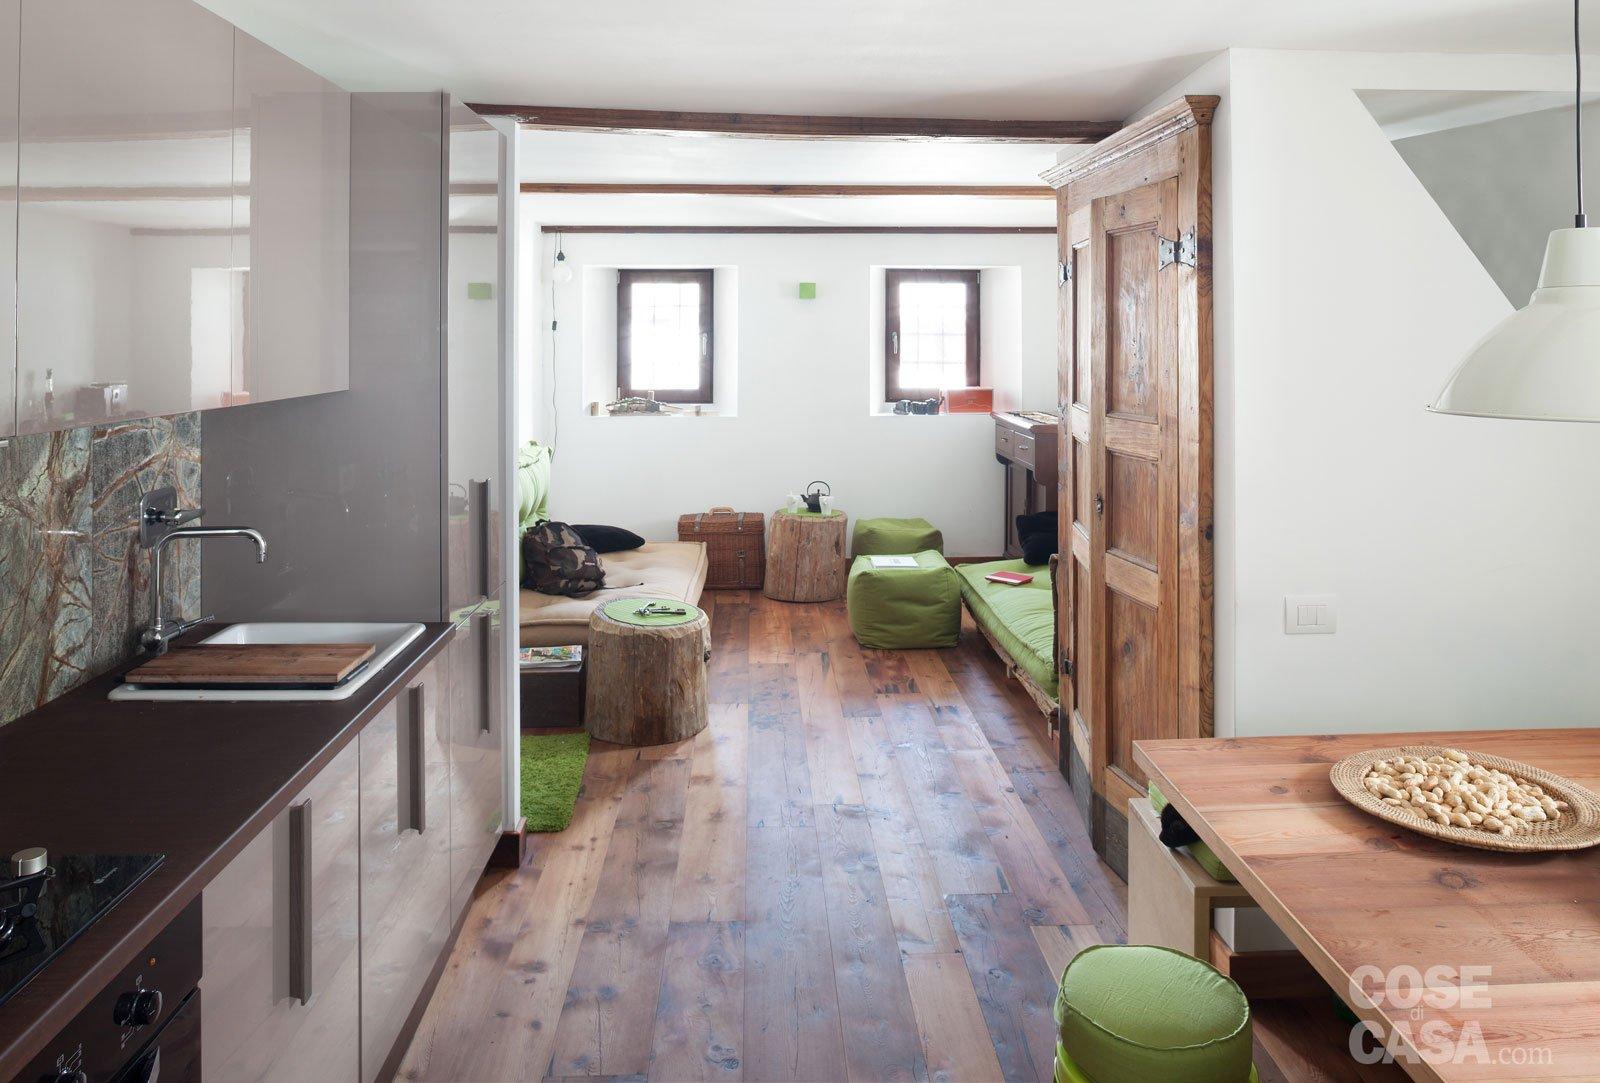 30 30 mq restauro di una tipica casa di montagna cose for Piani di casa porte cochere